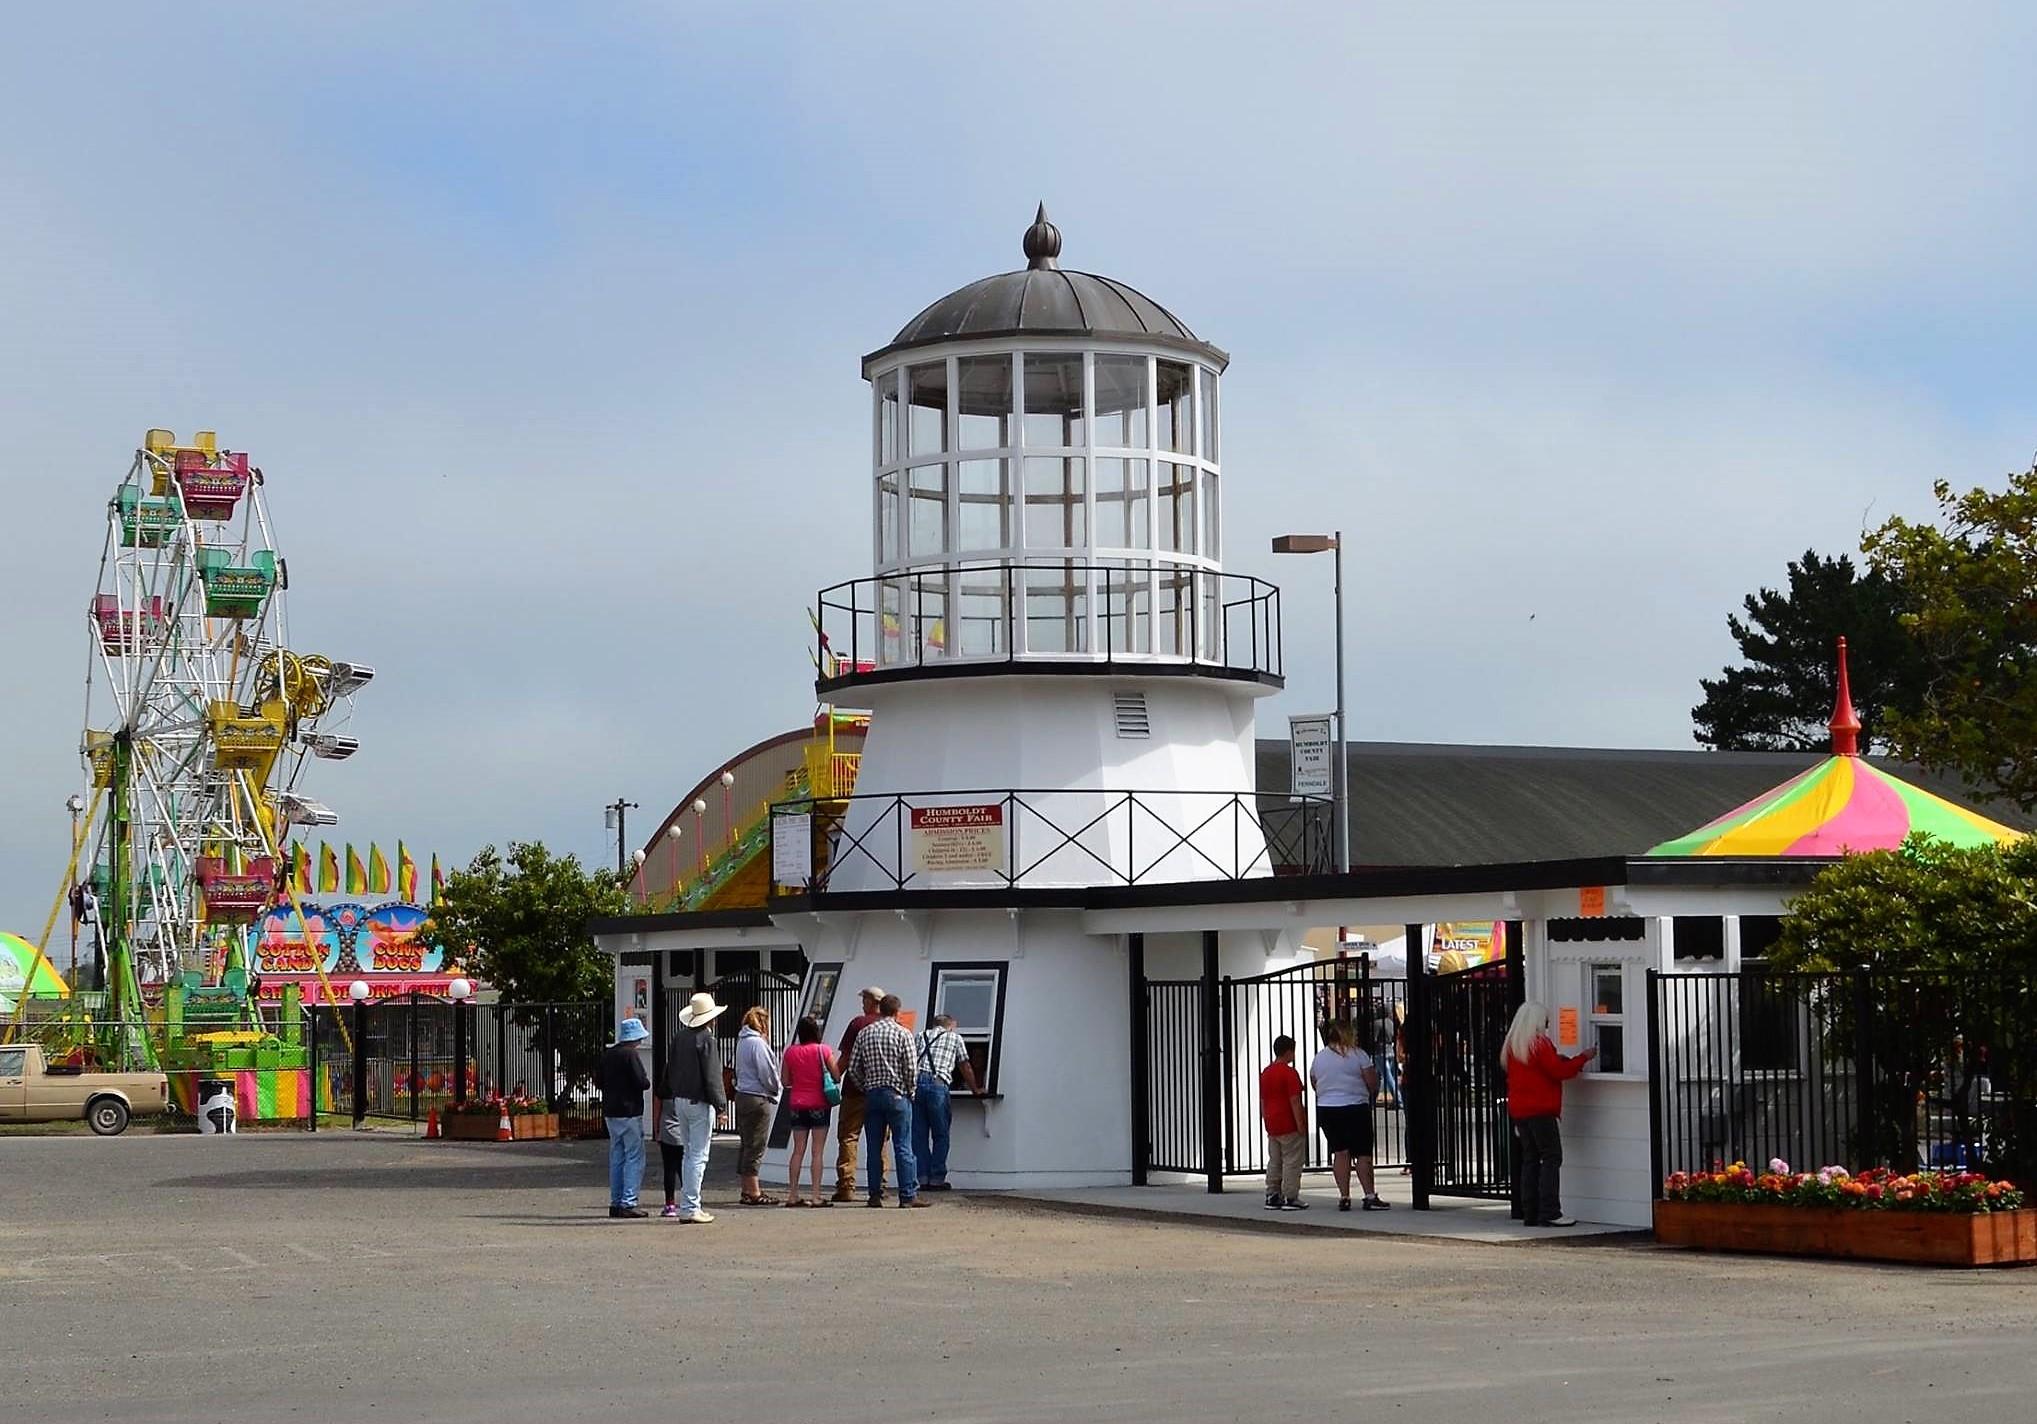 Humboldt County Fair entrance. Photo by Humboldt County Fair.